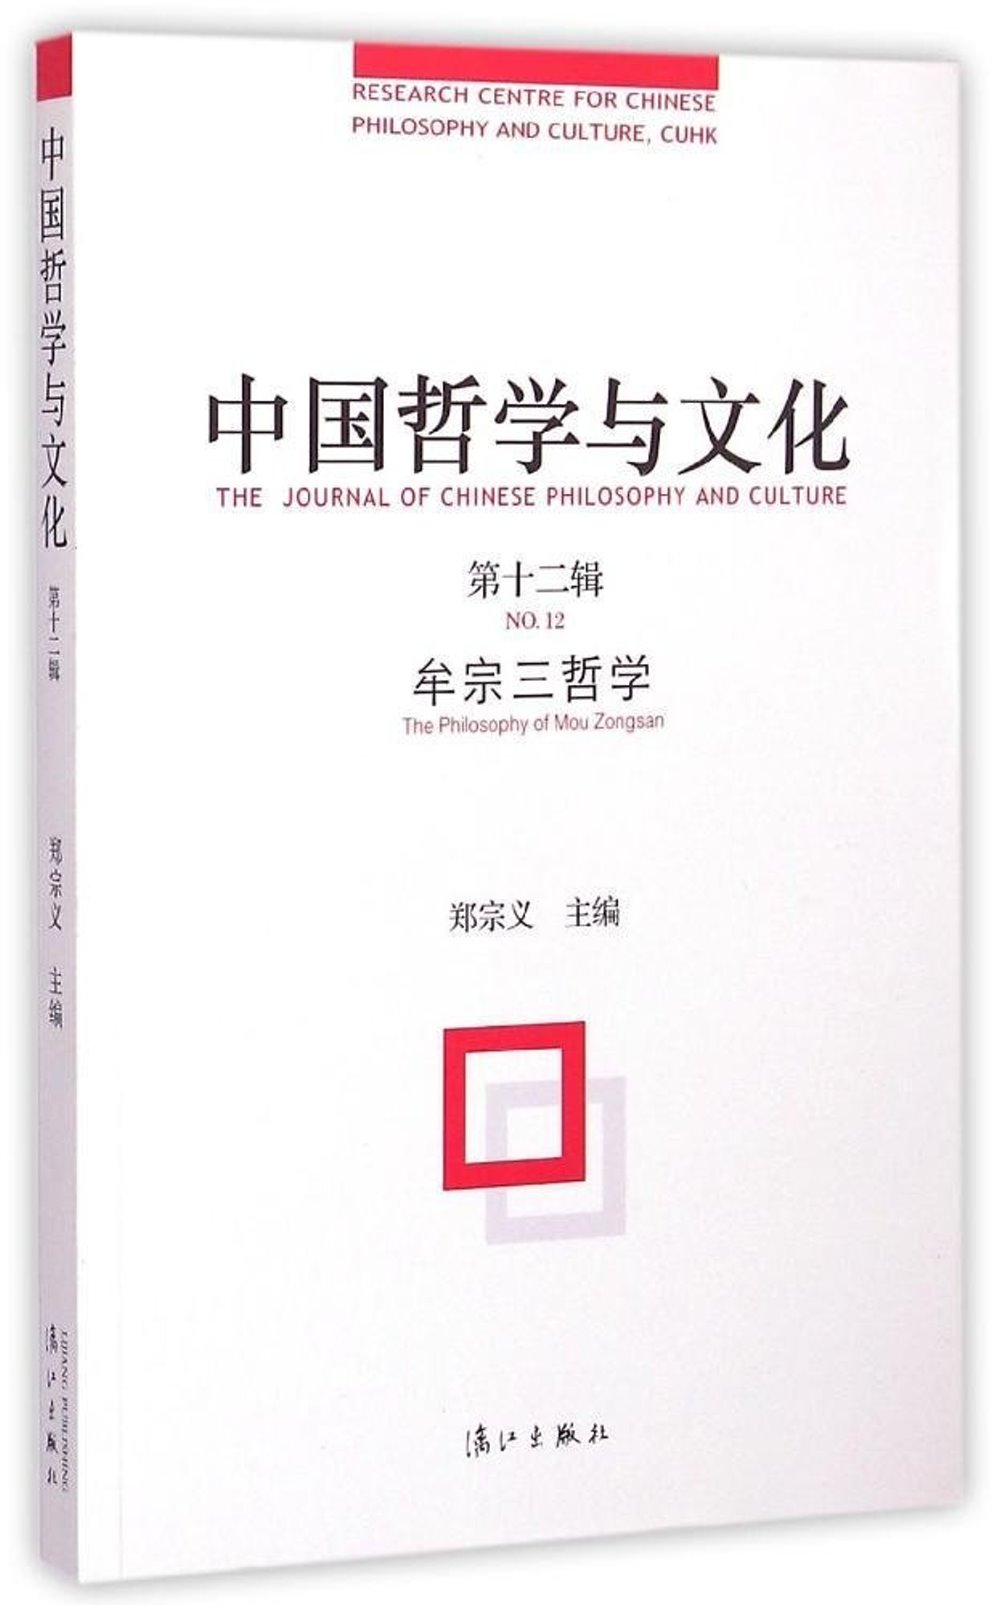 中國哲學與文化(第十二輯):牟宗三哲學